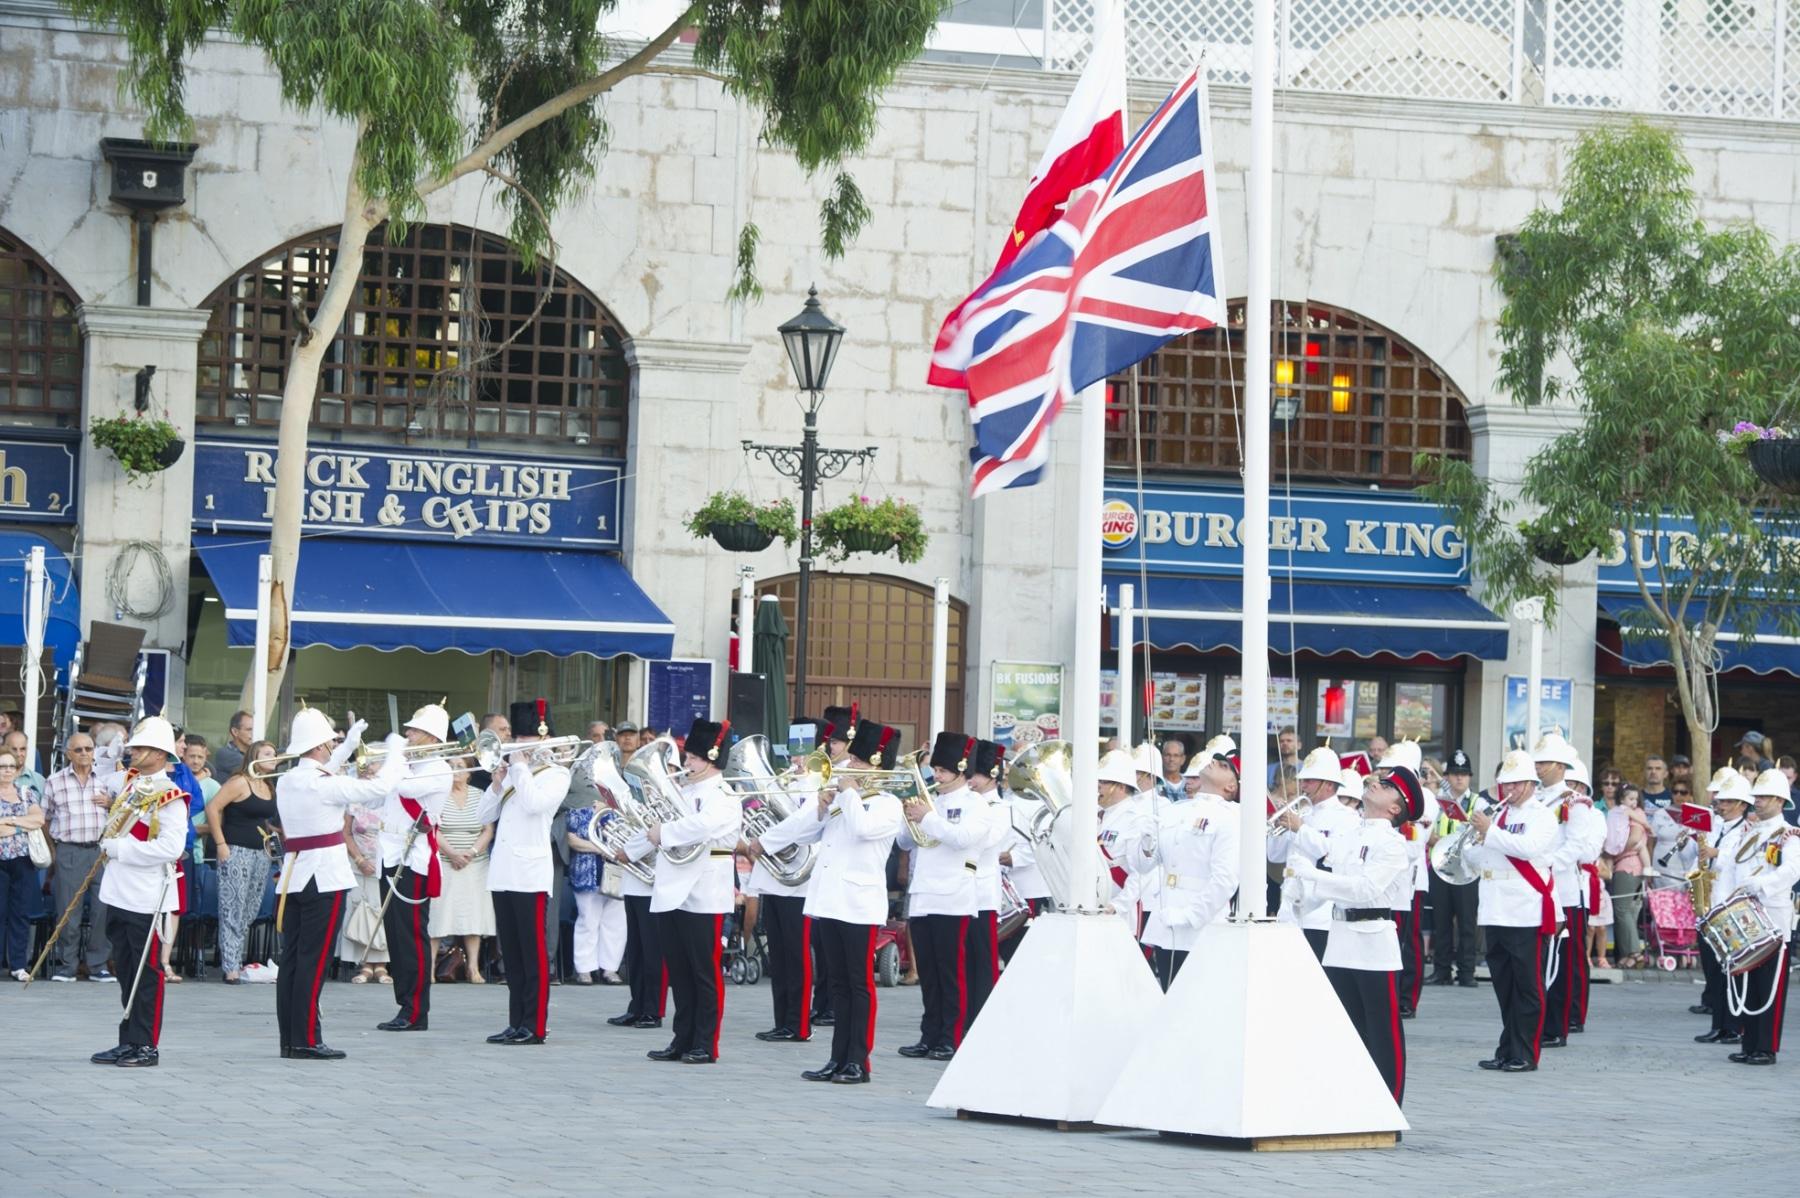 ceremonia-de-las-llaves-gibraltar-25092014-13_15171143560_o